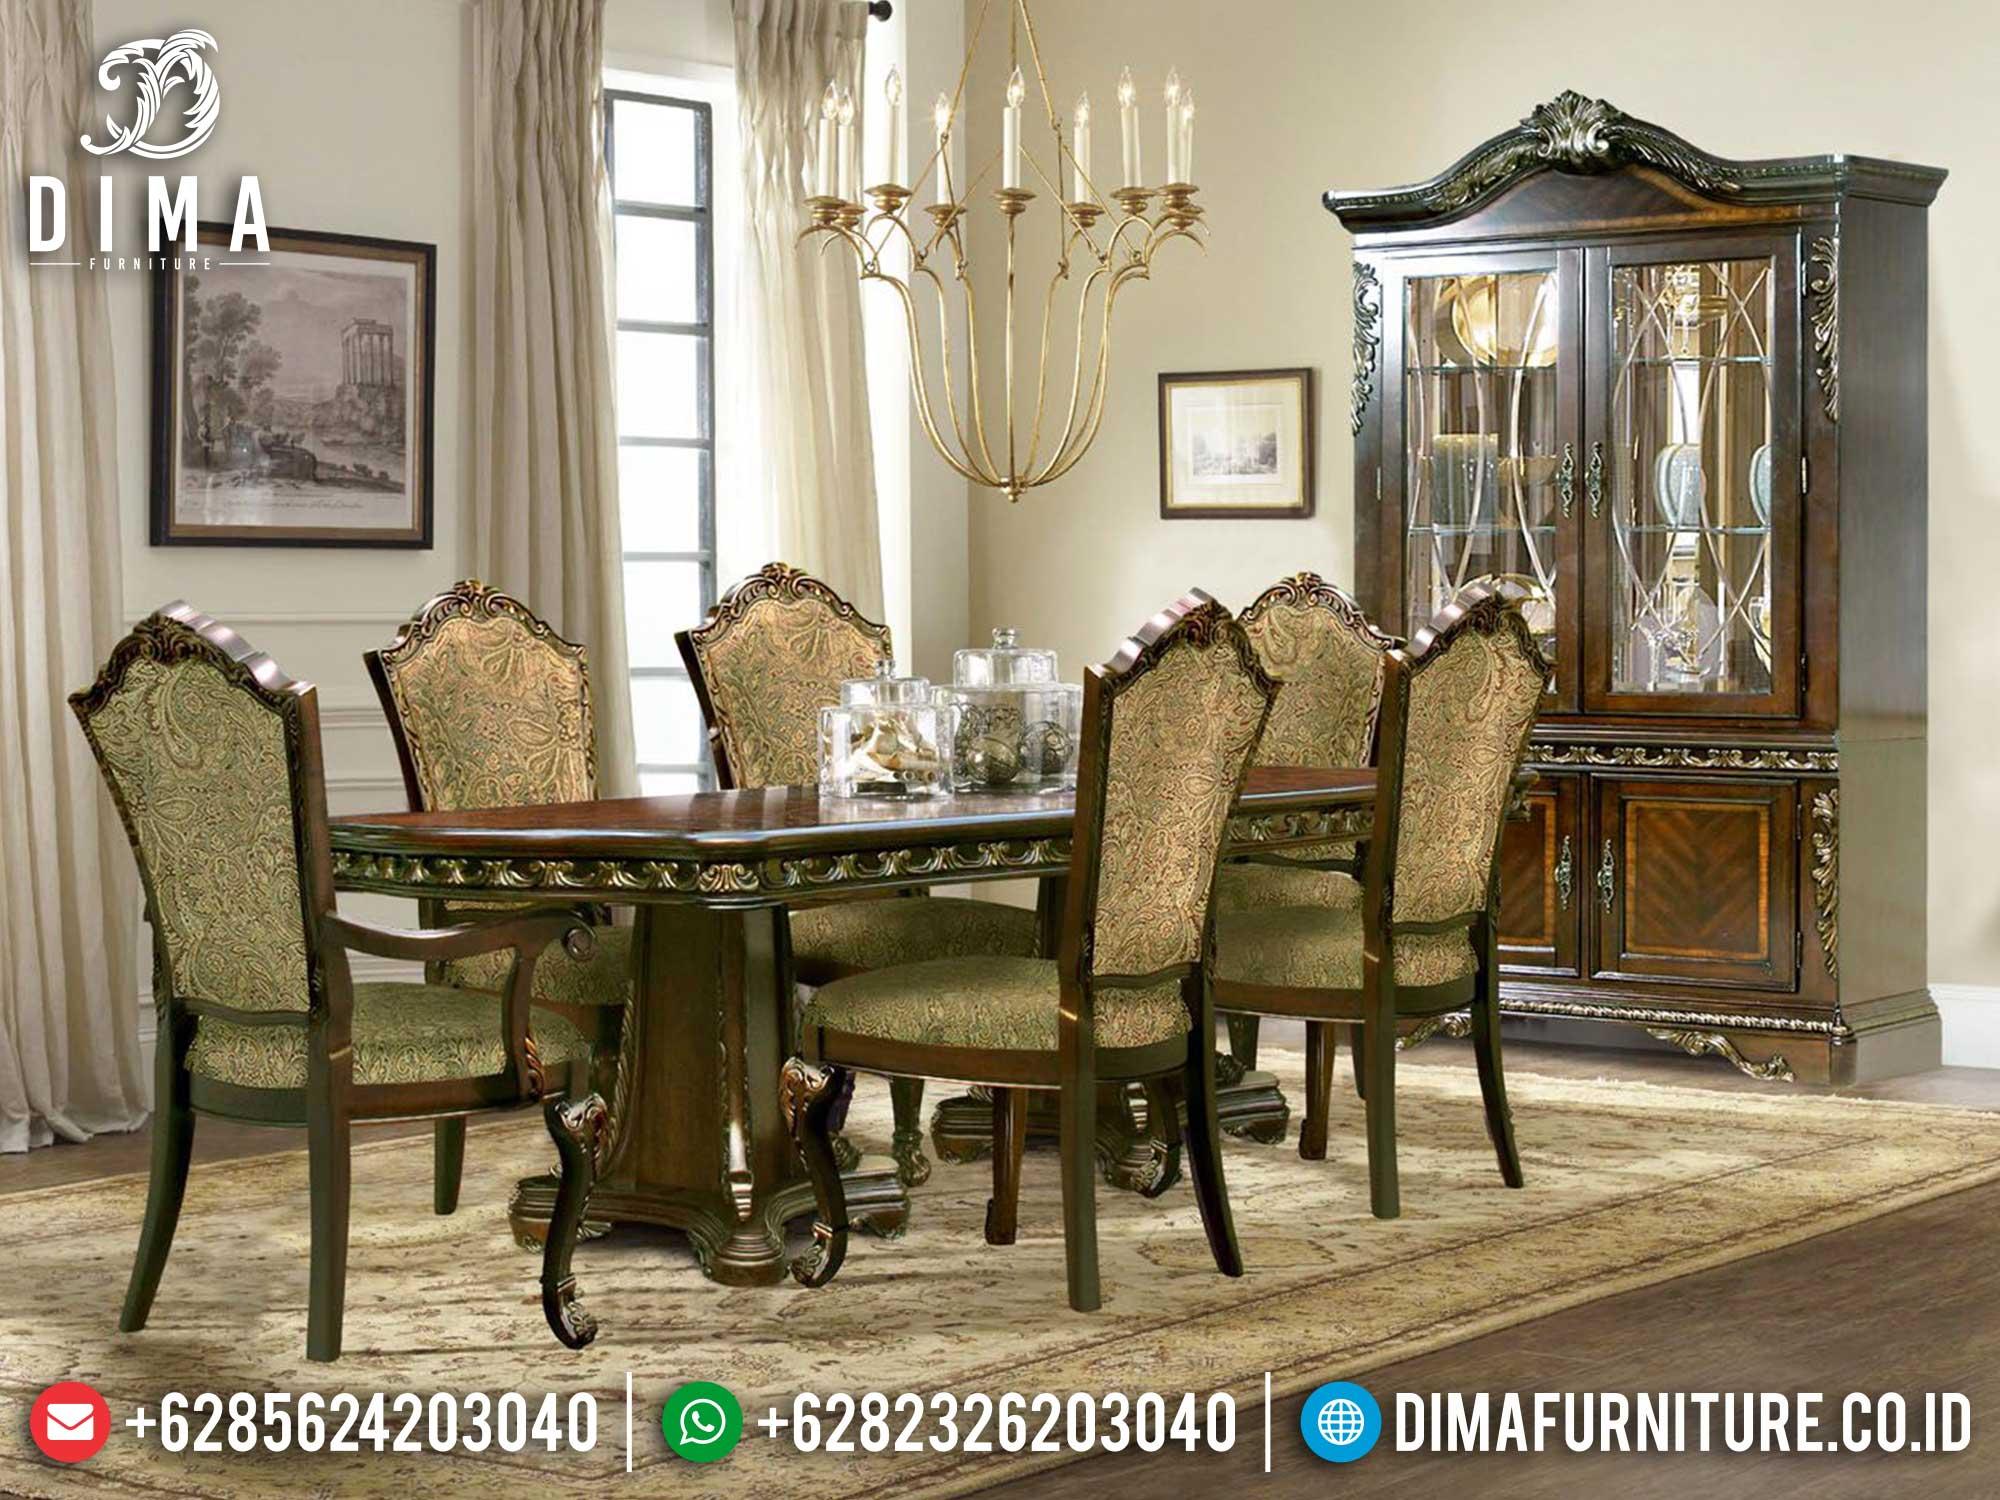 Agseisa Set Meja Makan Mewah Klasik Luxury Jati Natural Jepara St-1221